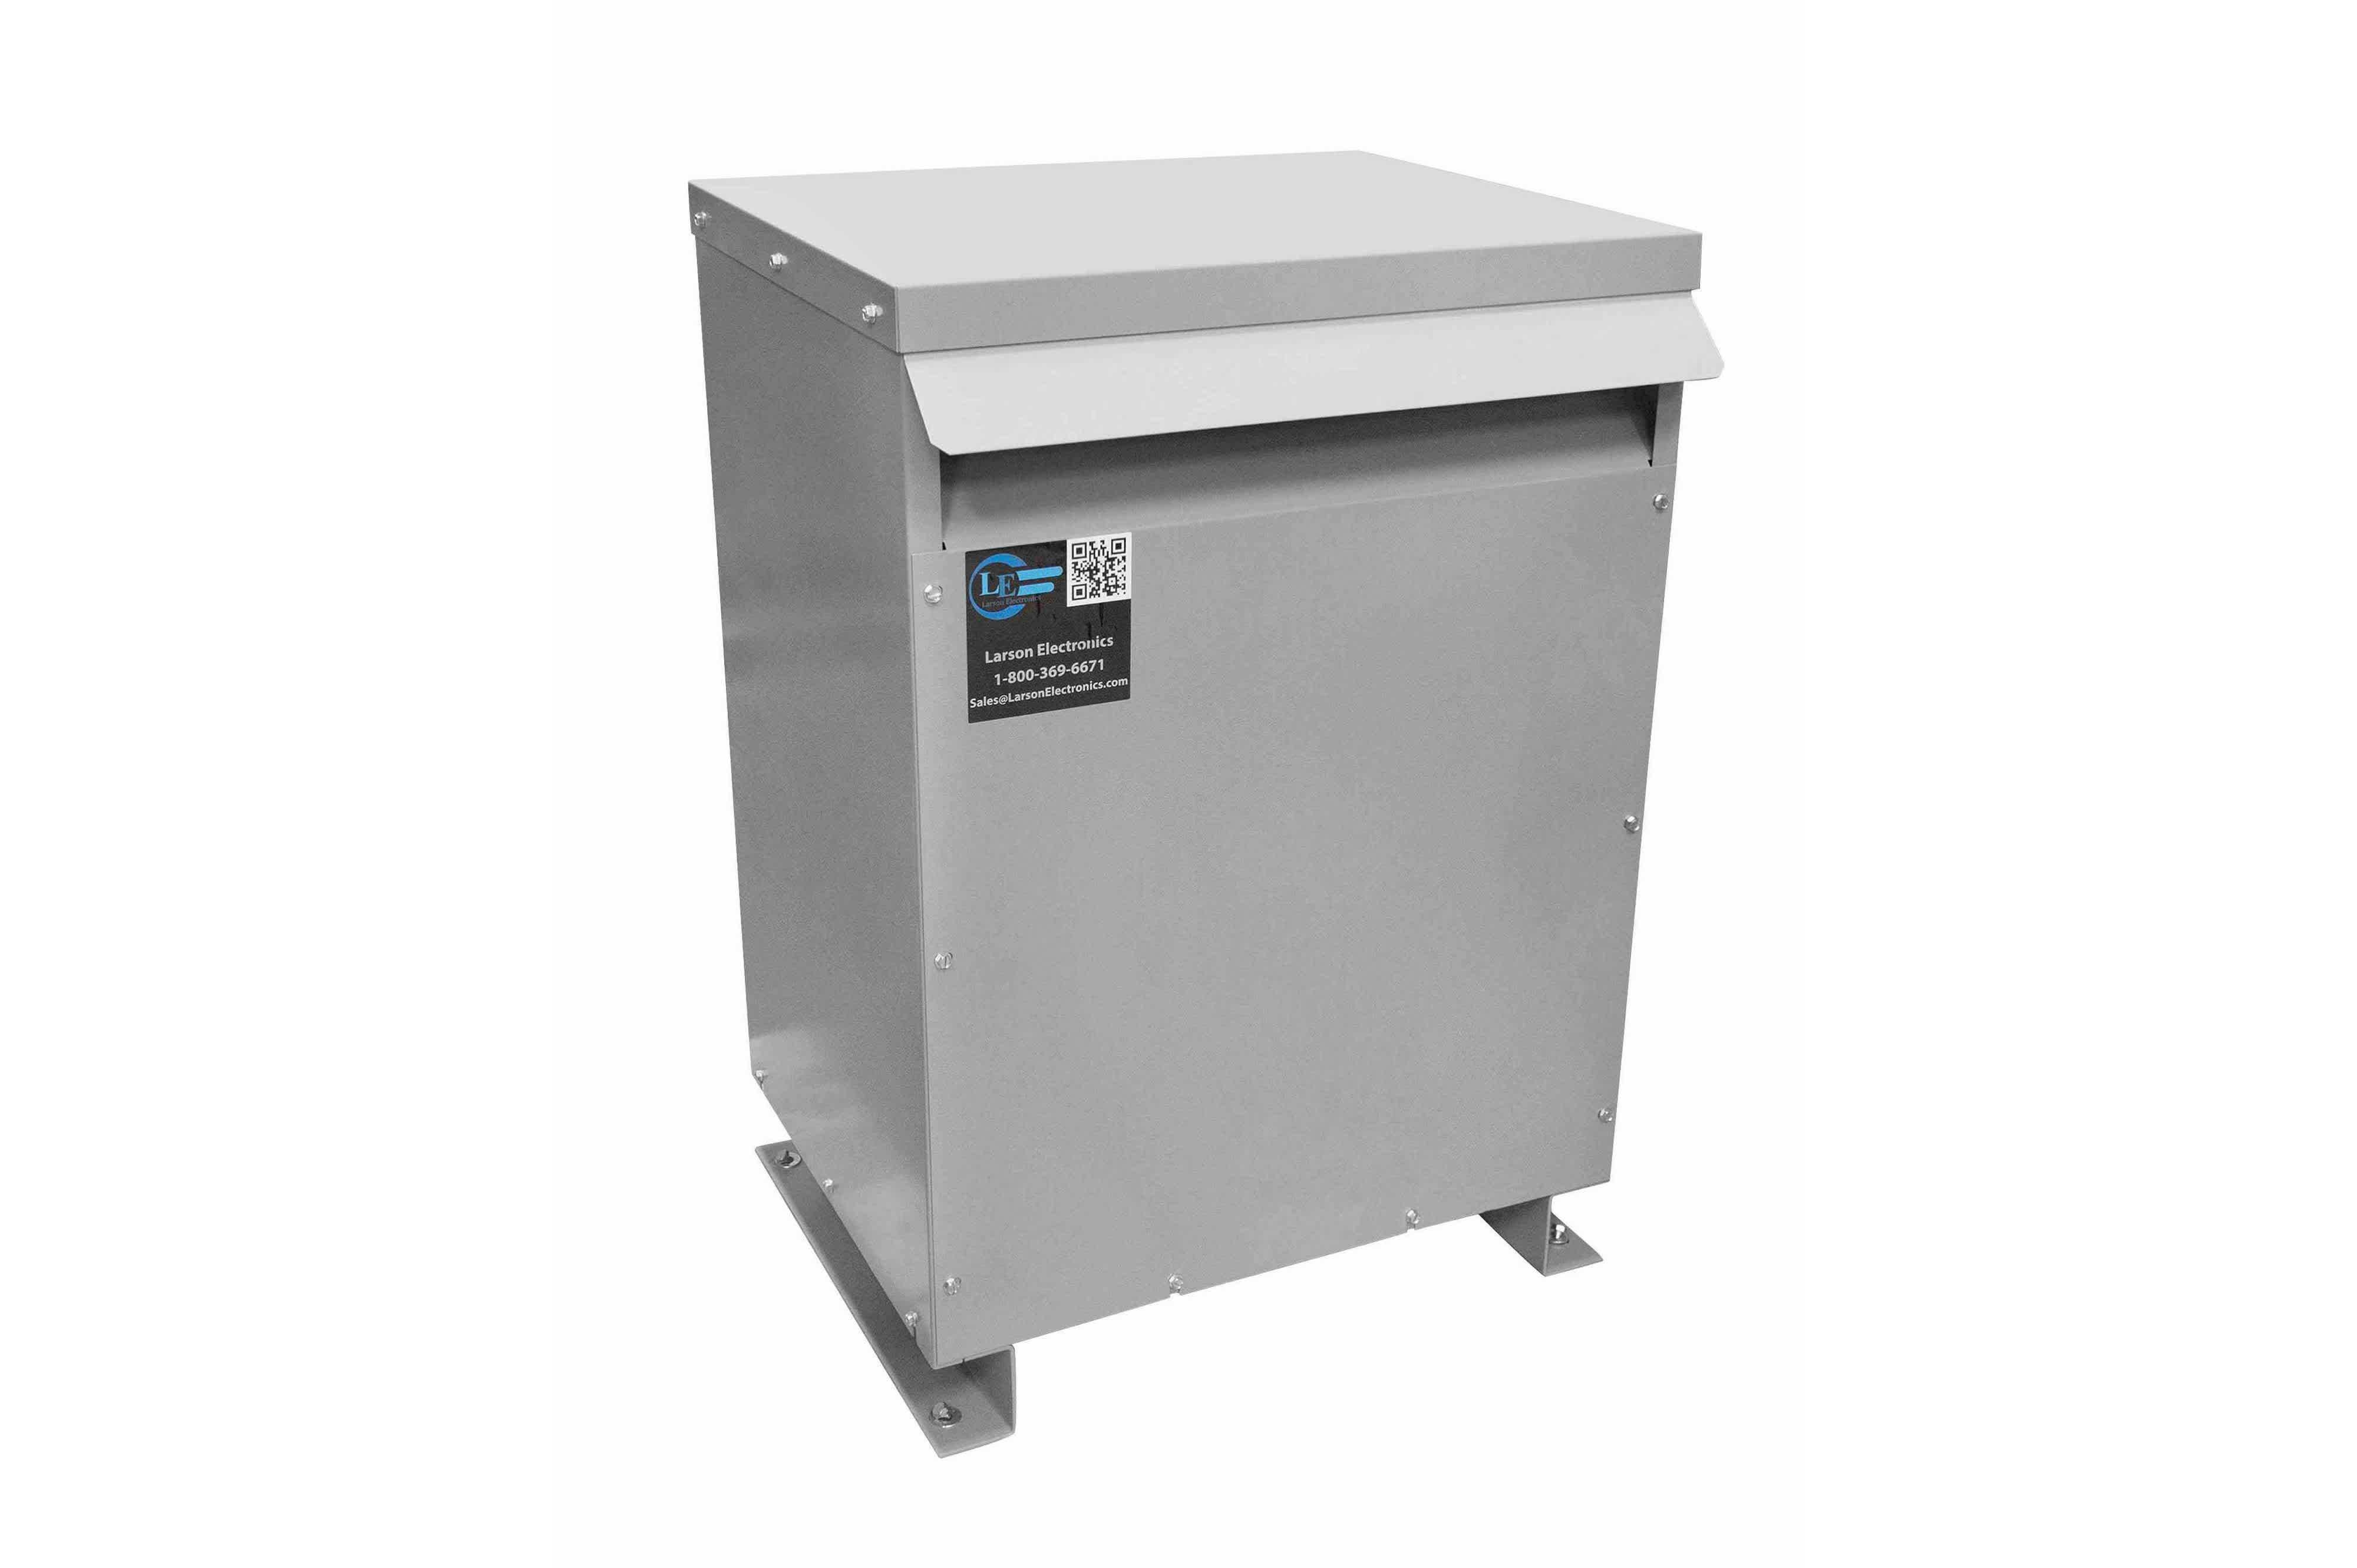 112.5 kVA 3PH Isolation Transformer, 240V Delta Primary, 600V Delta Secondary, N3R, Ventilated, 60 Hz